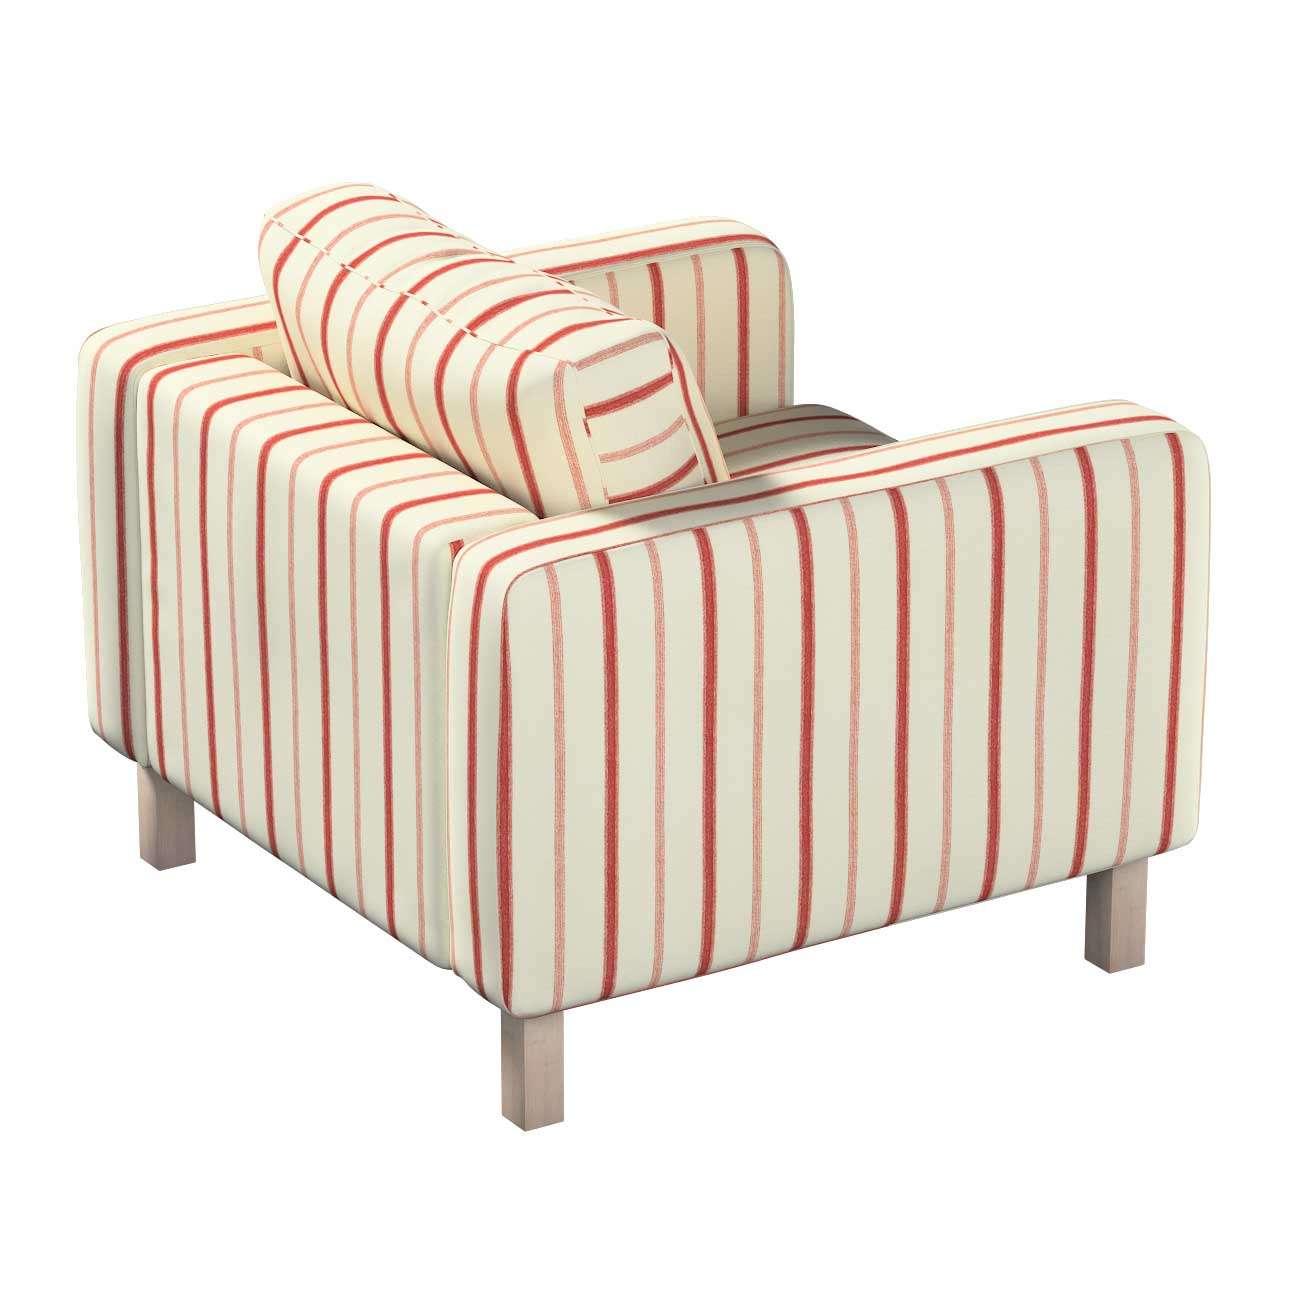 Pokrowiec na fotel Karlstad, krótki w kolekcji Avinon, tkanina: 129-15